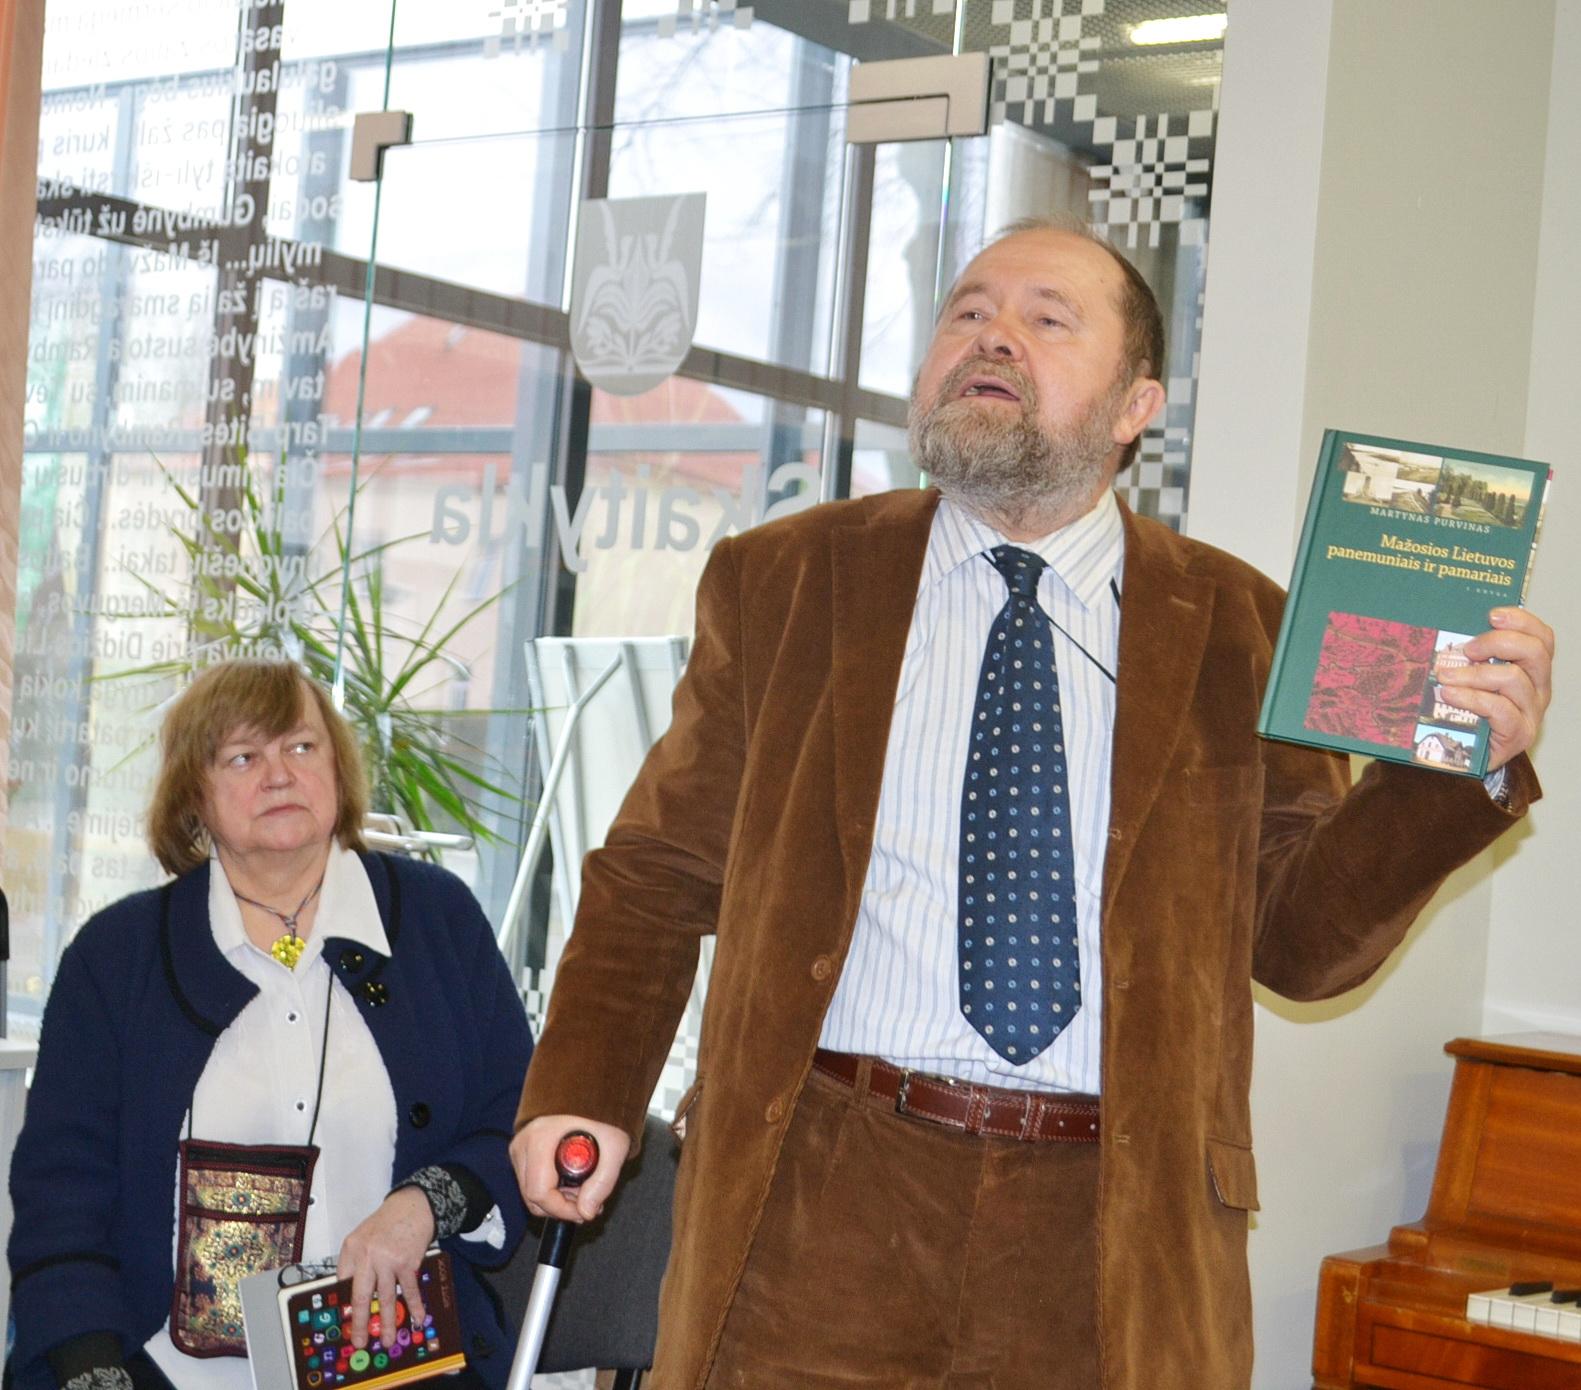 """Pagėgių krašto garbės pilietis dr. Martynas Purvinas bibliotekoje pristatė savo naują leidinį """"Mažosios Lietuvos panemuniais ir pamariais (pirma knyga)""""."""